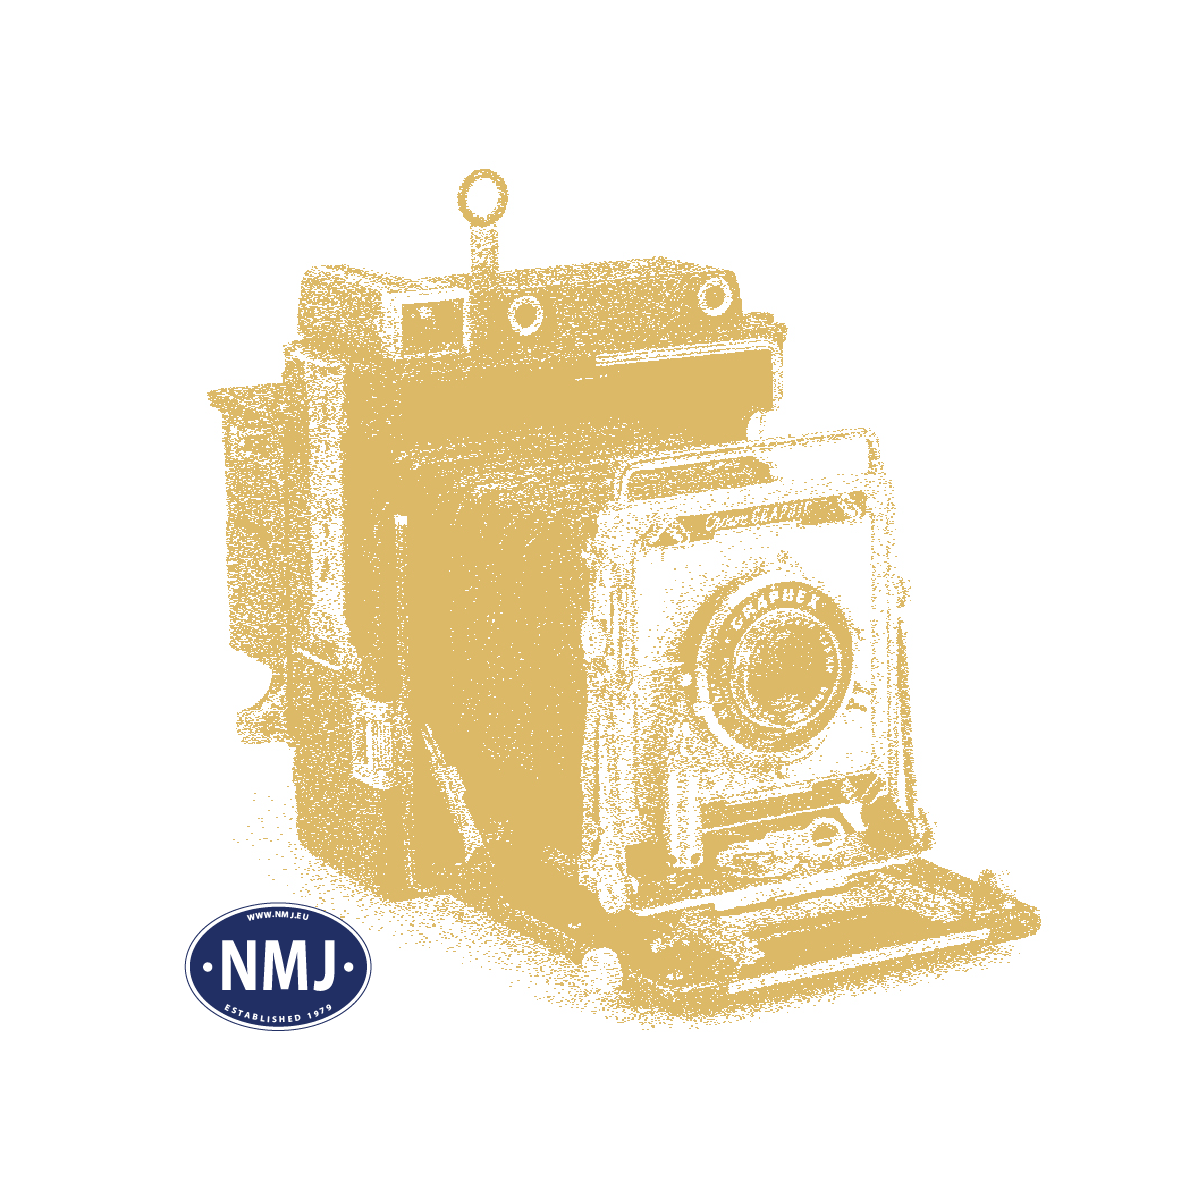 NMJT105.101 - NMJ Topline NSB A2 24003 Redbrown livery